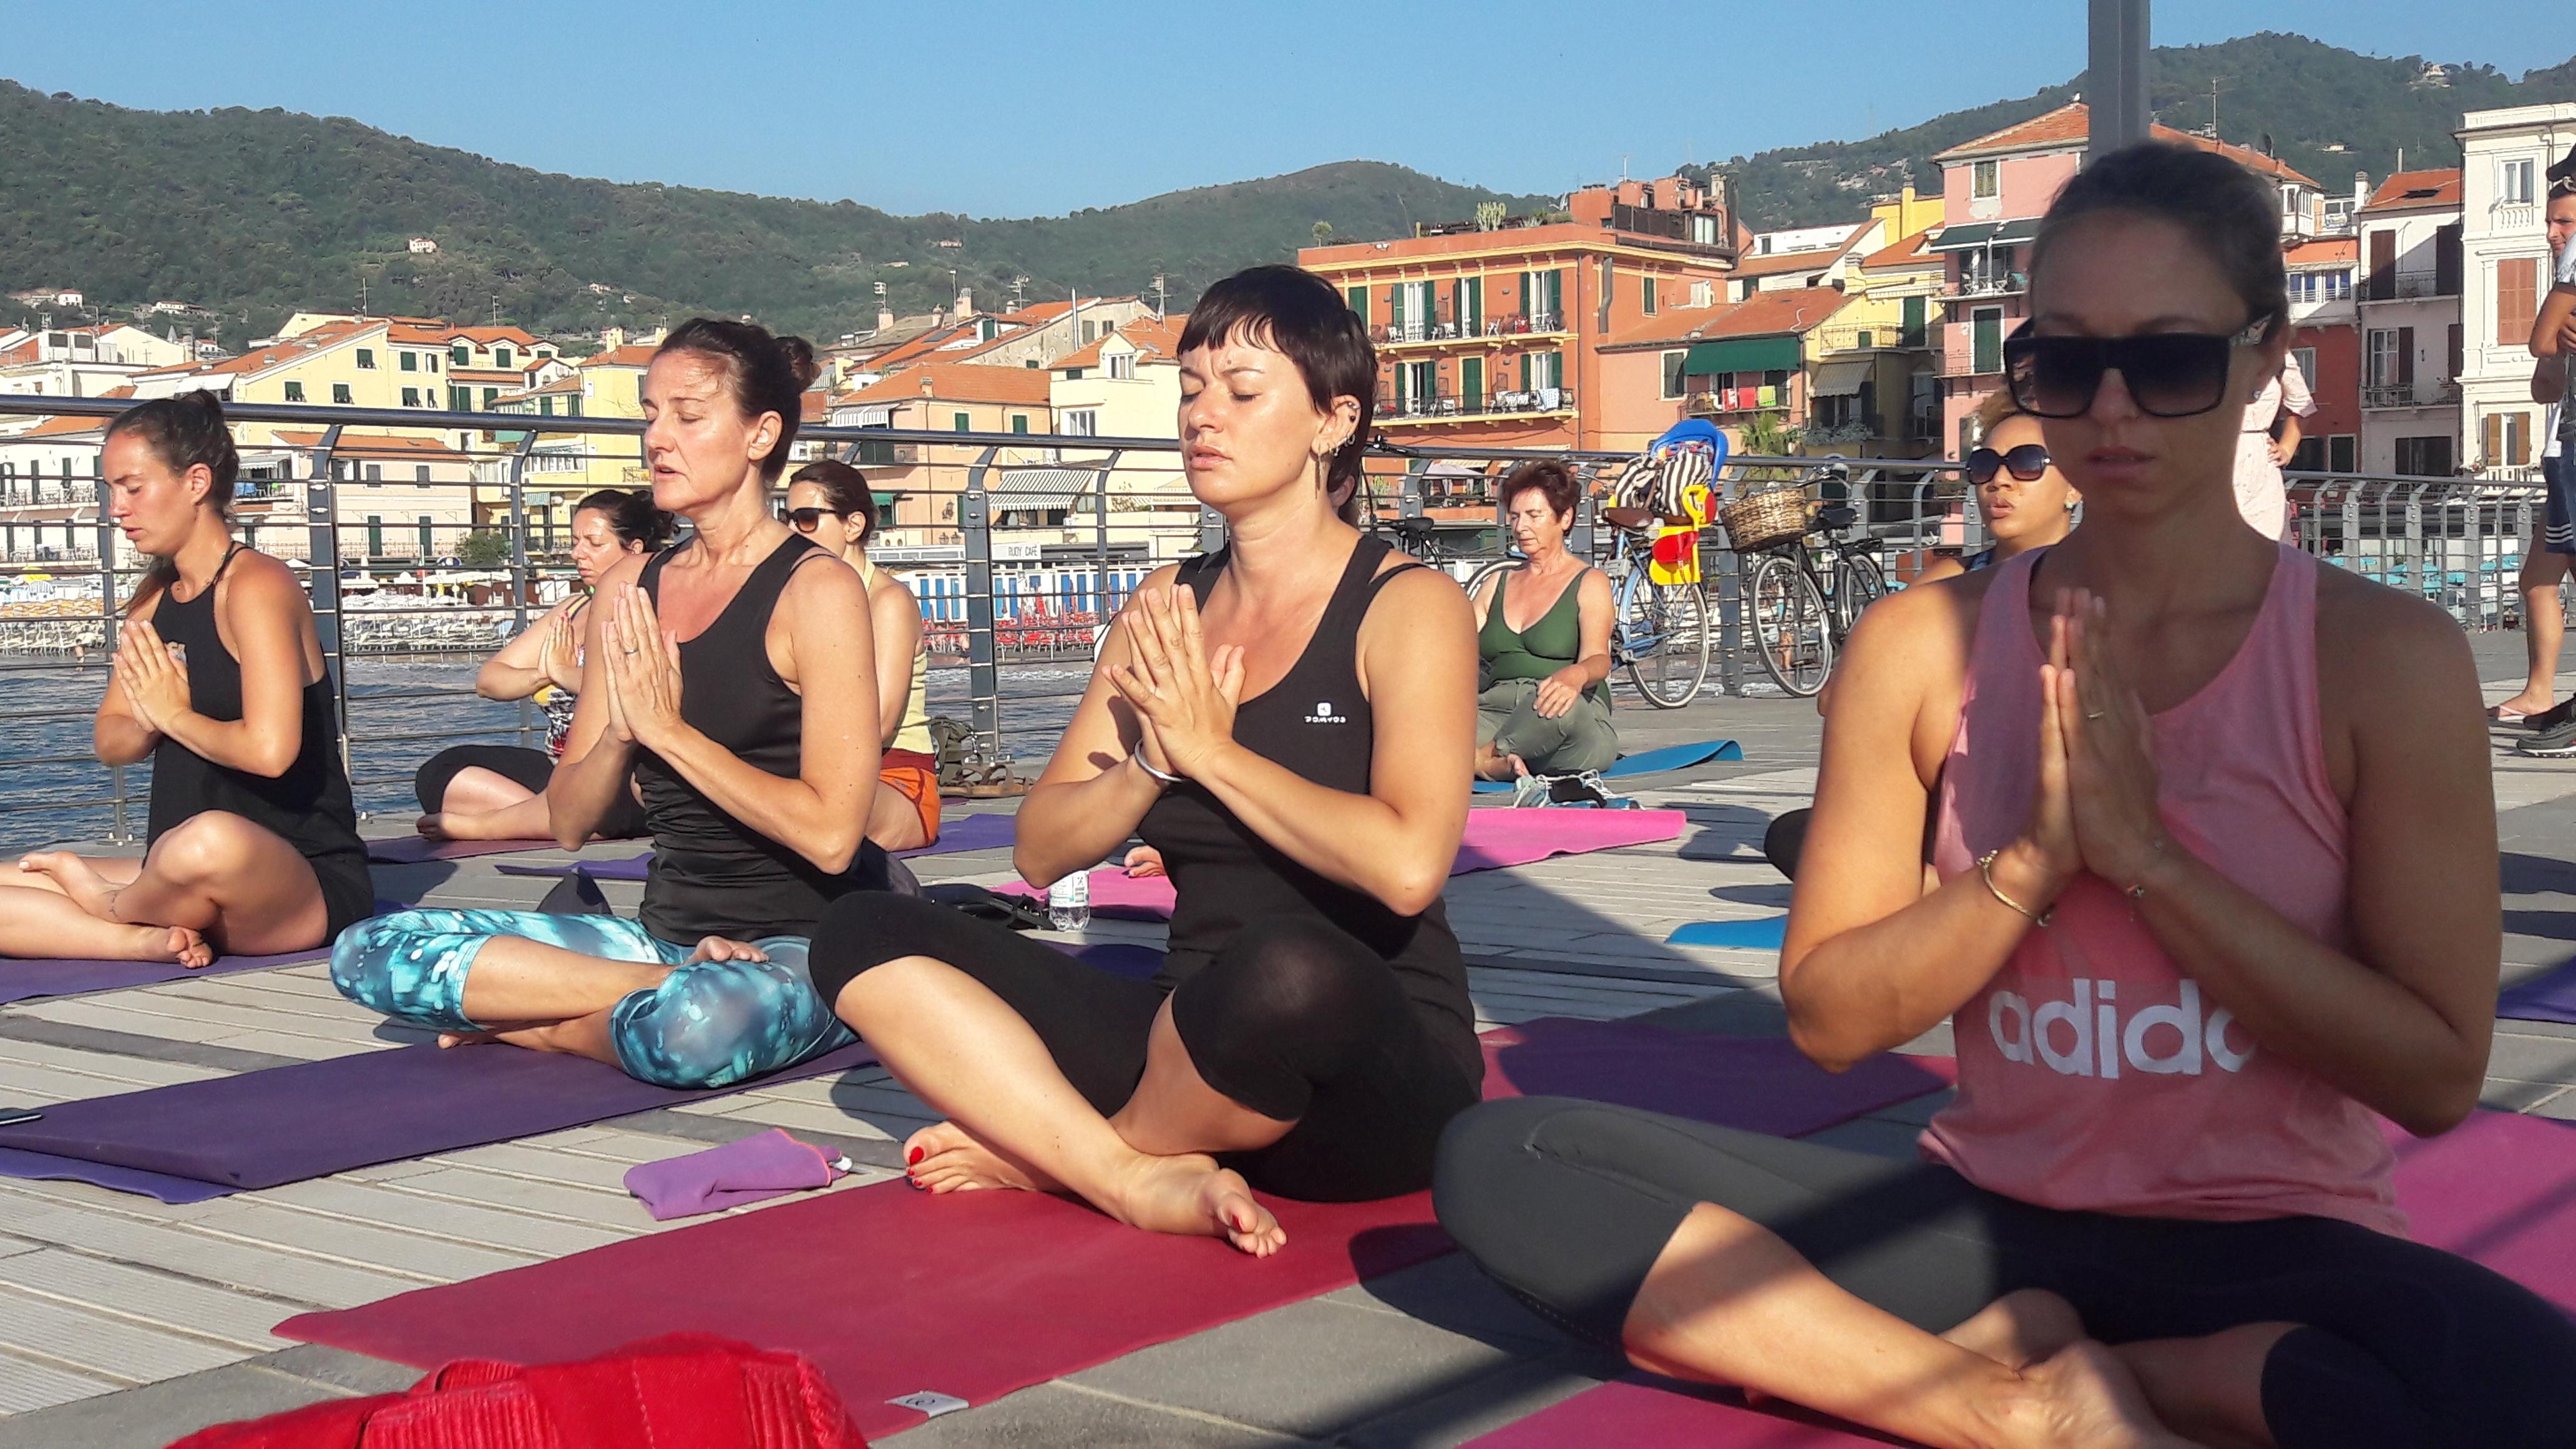 1_essere-free-yoga-gratuito-benessere-per-tutti-village-citta-alassio-estate-lucia-ragazzi-summer-town-wellness-045